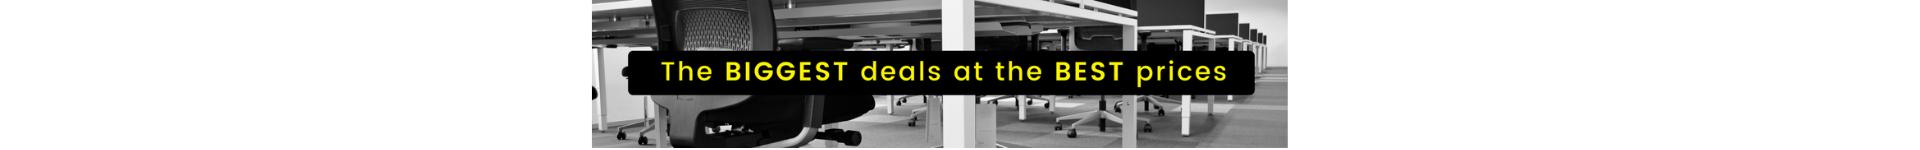 big deals best prices